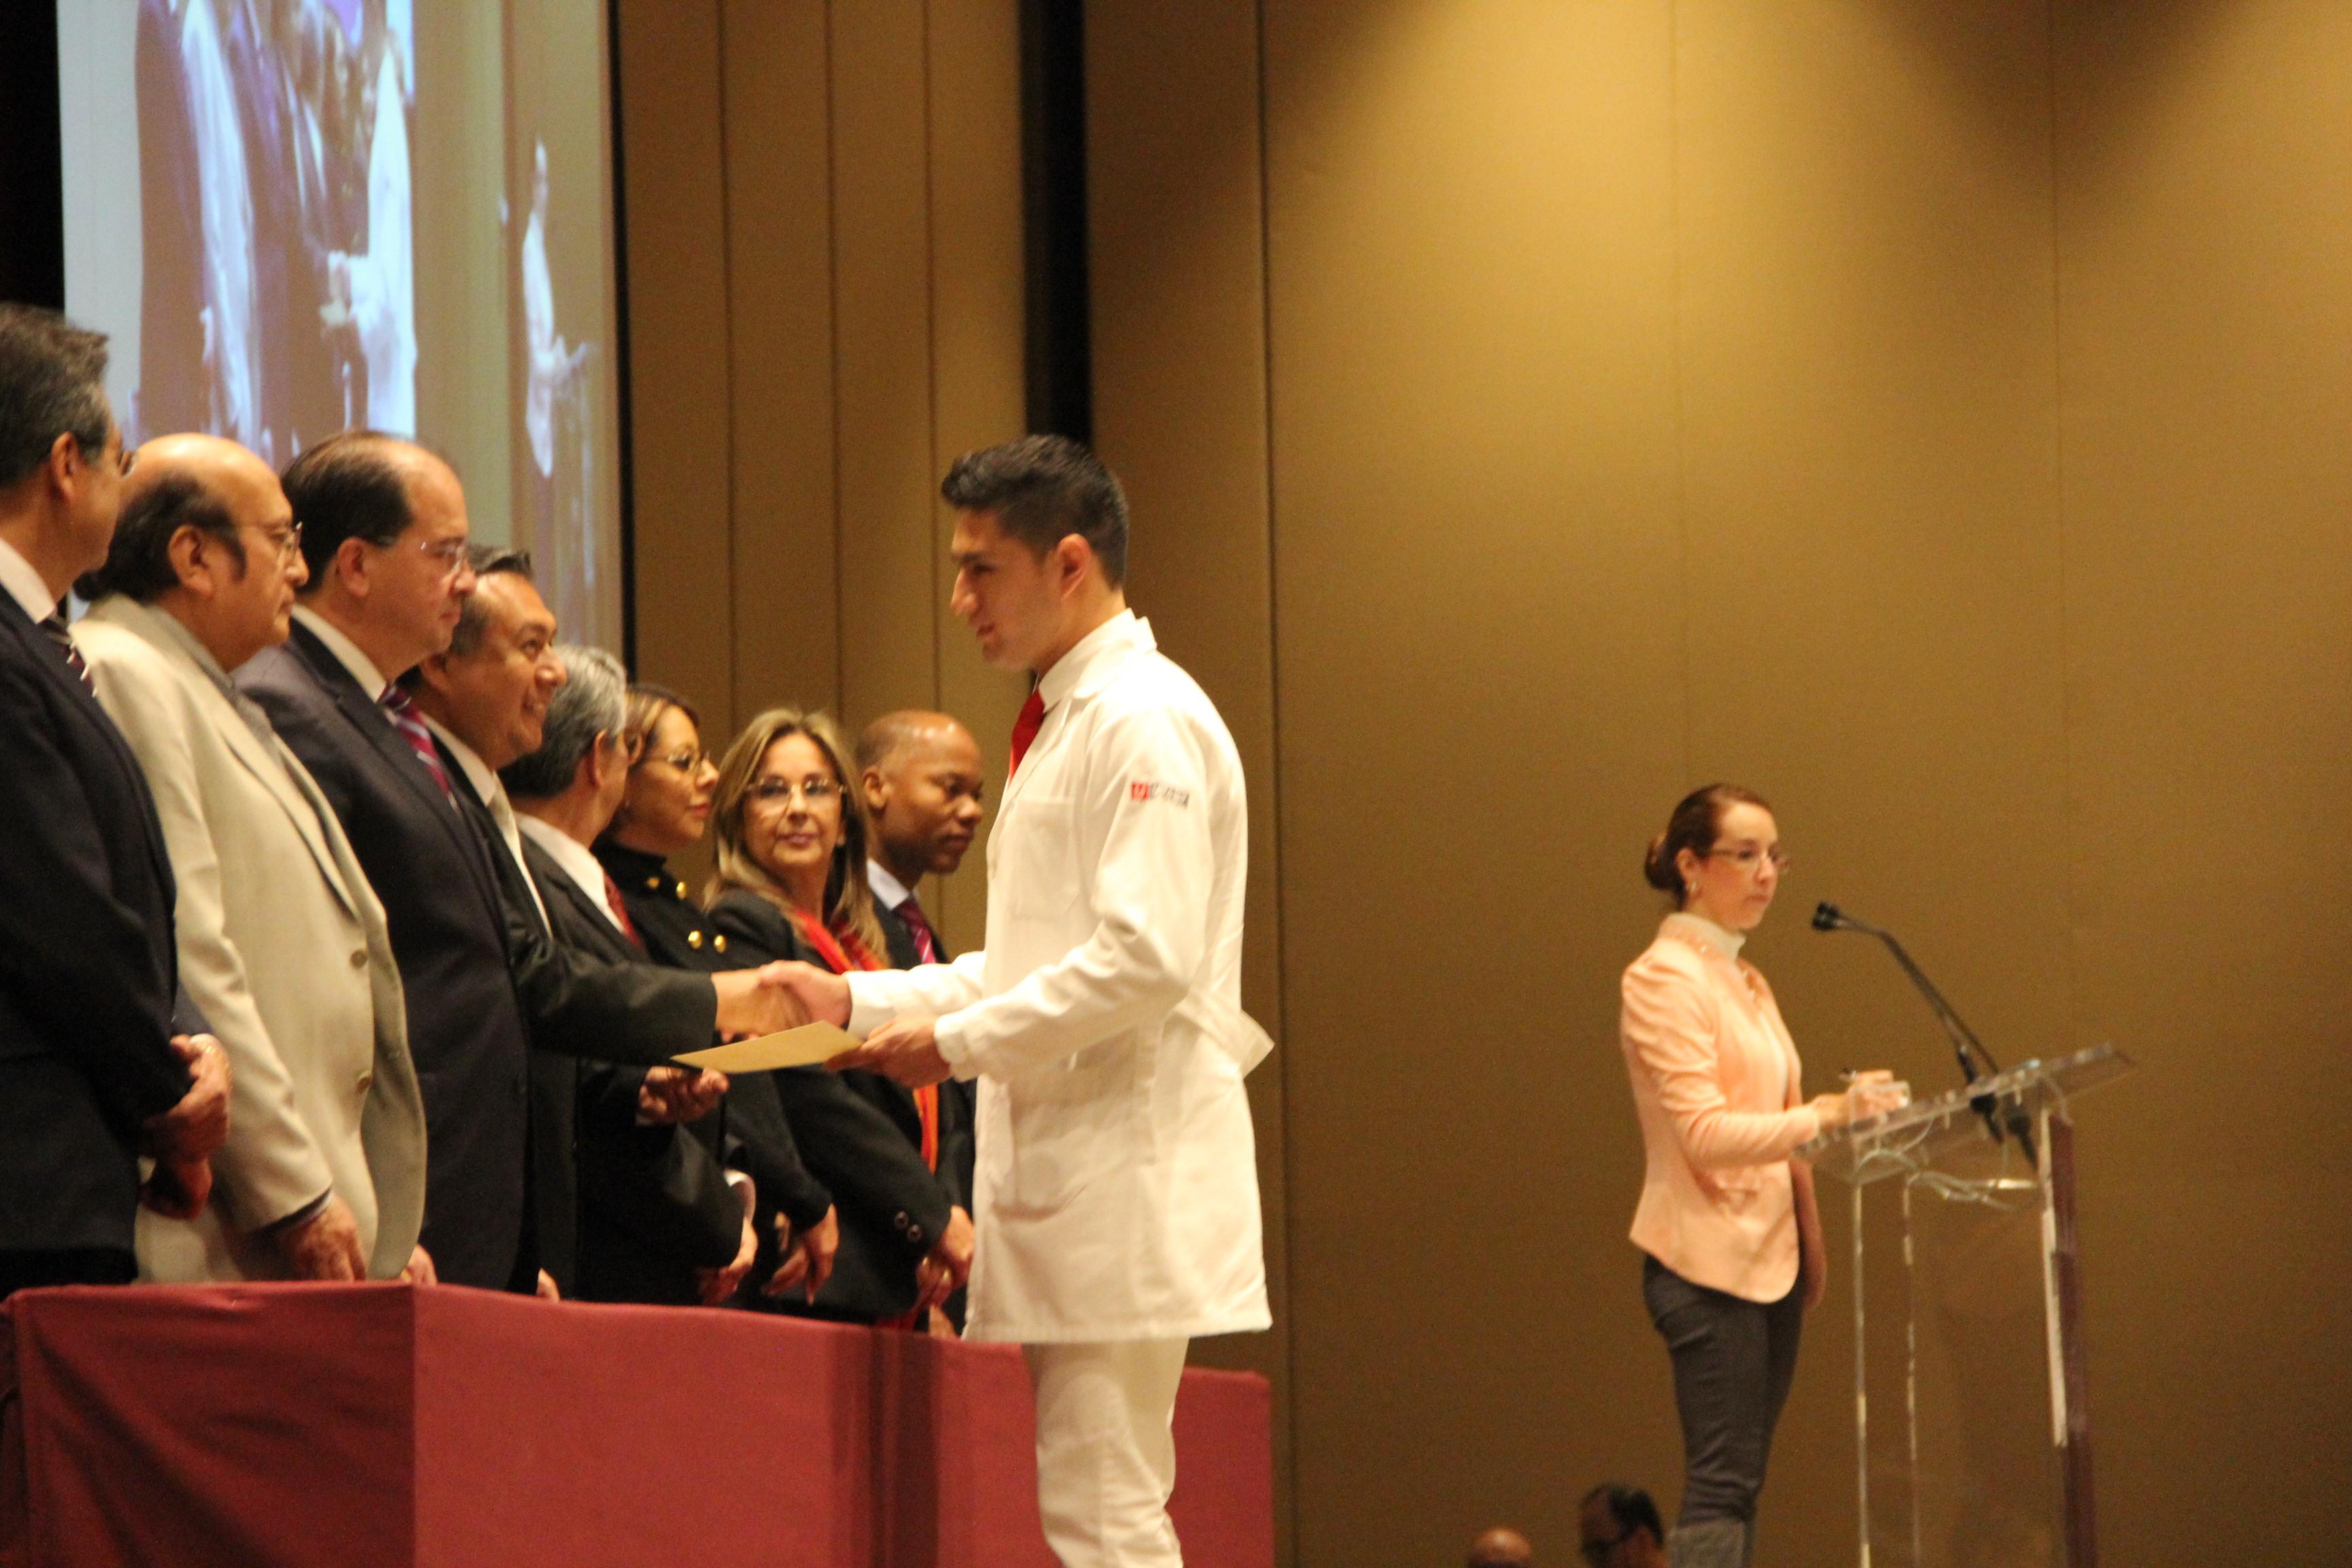 Rindieron Juramento Médico 292 estudiantes de Medicina UPAEP